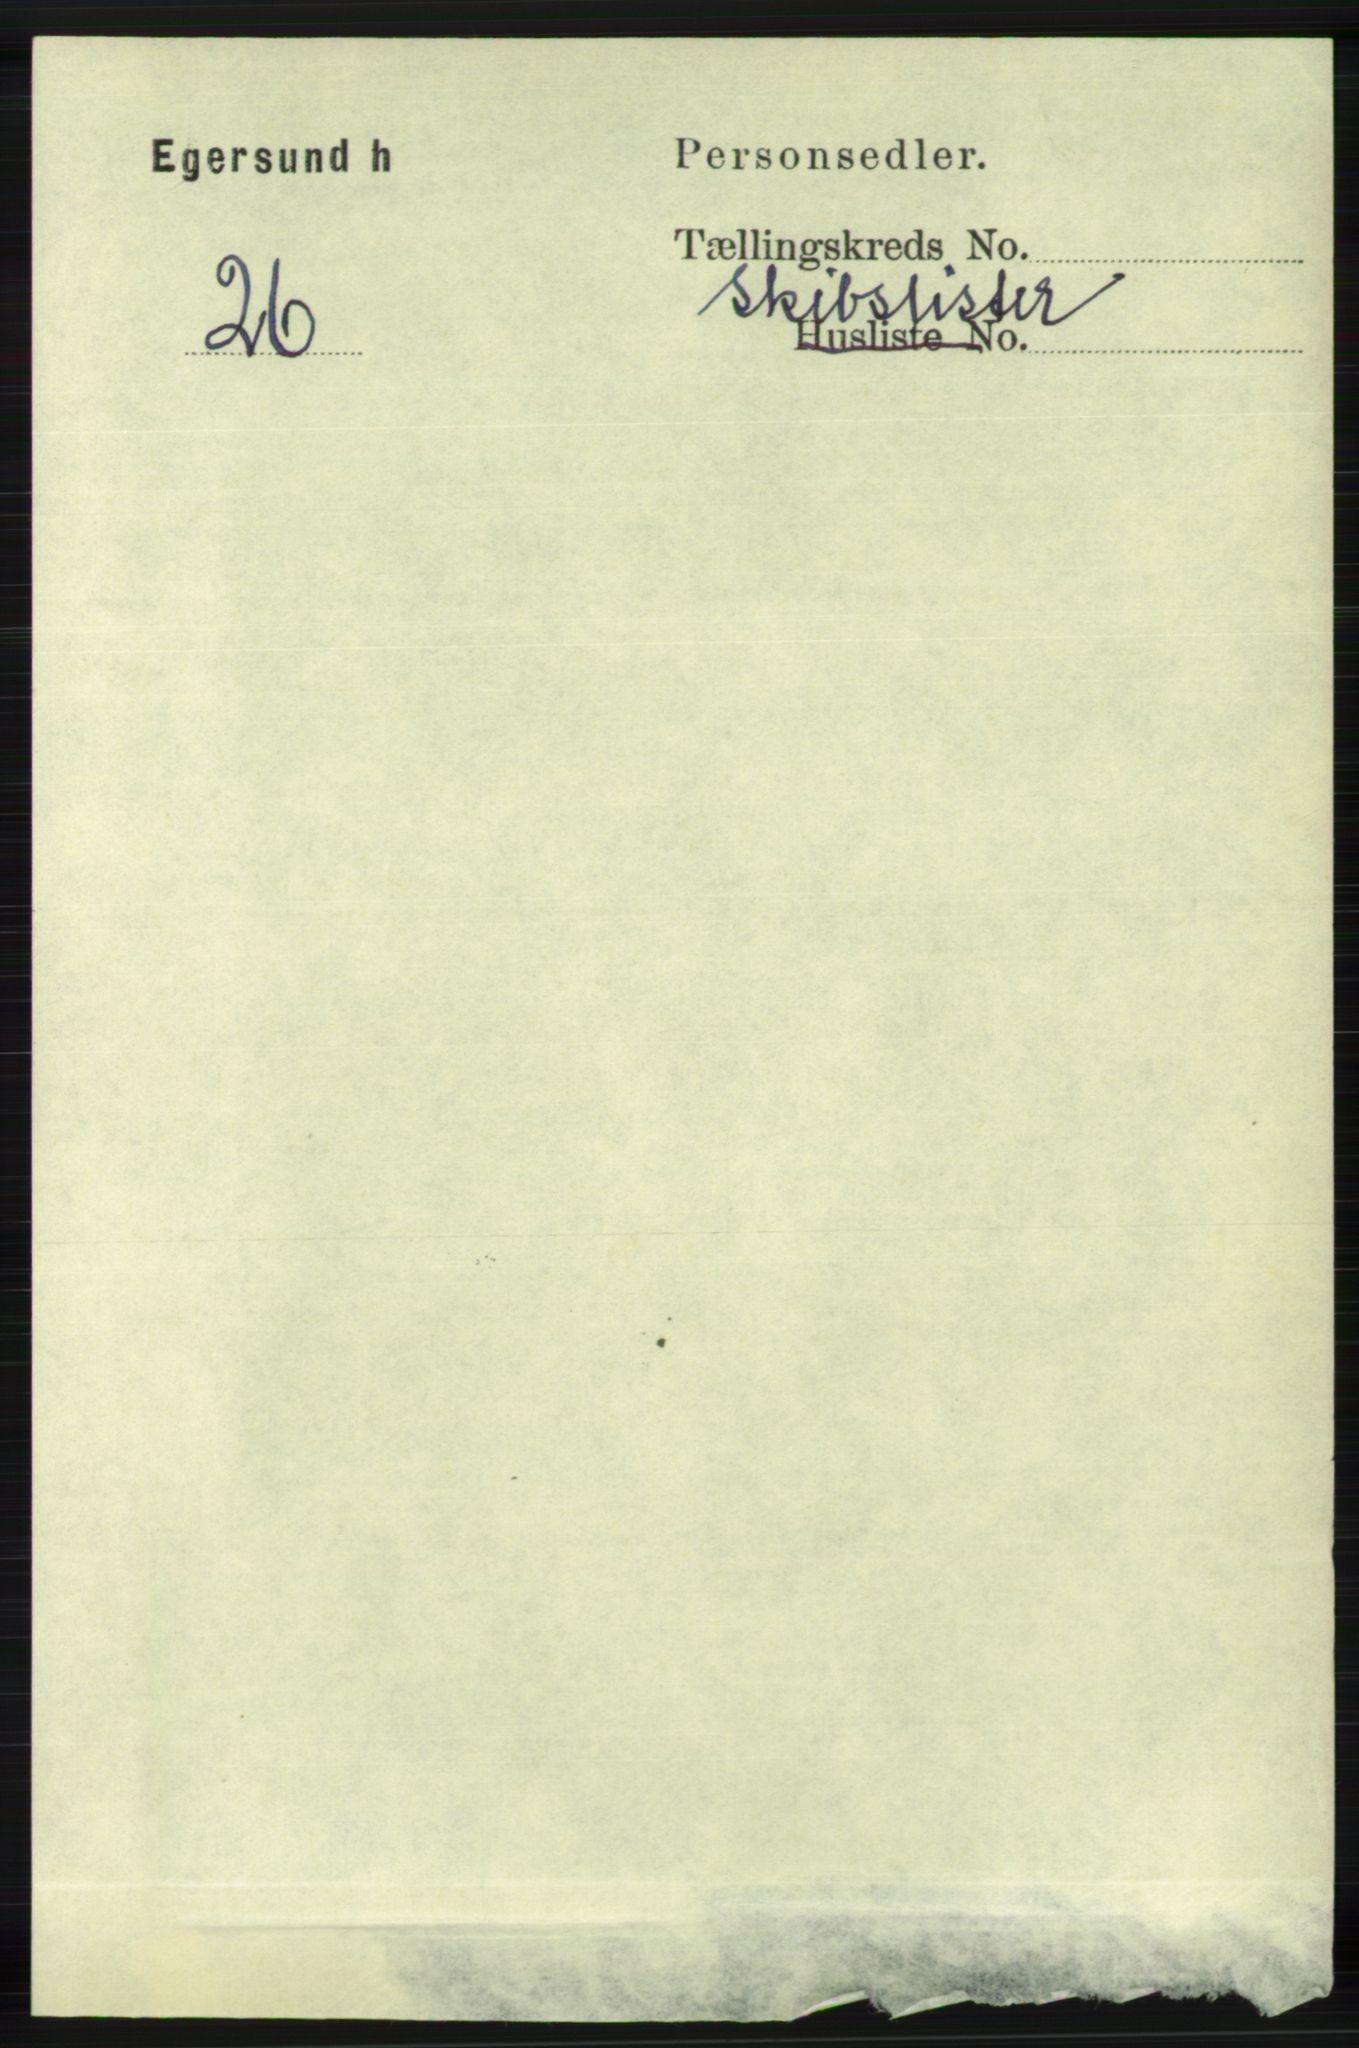 RA, Folketelling 1891 for 1116 Eigersund herred, 1891, s. 3423